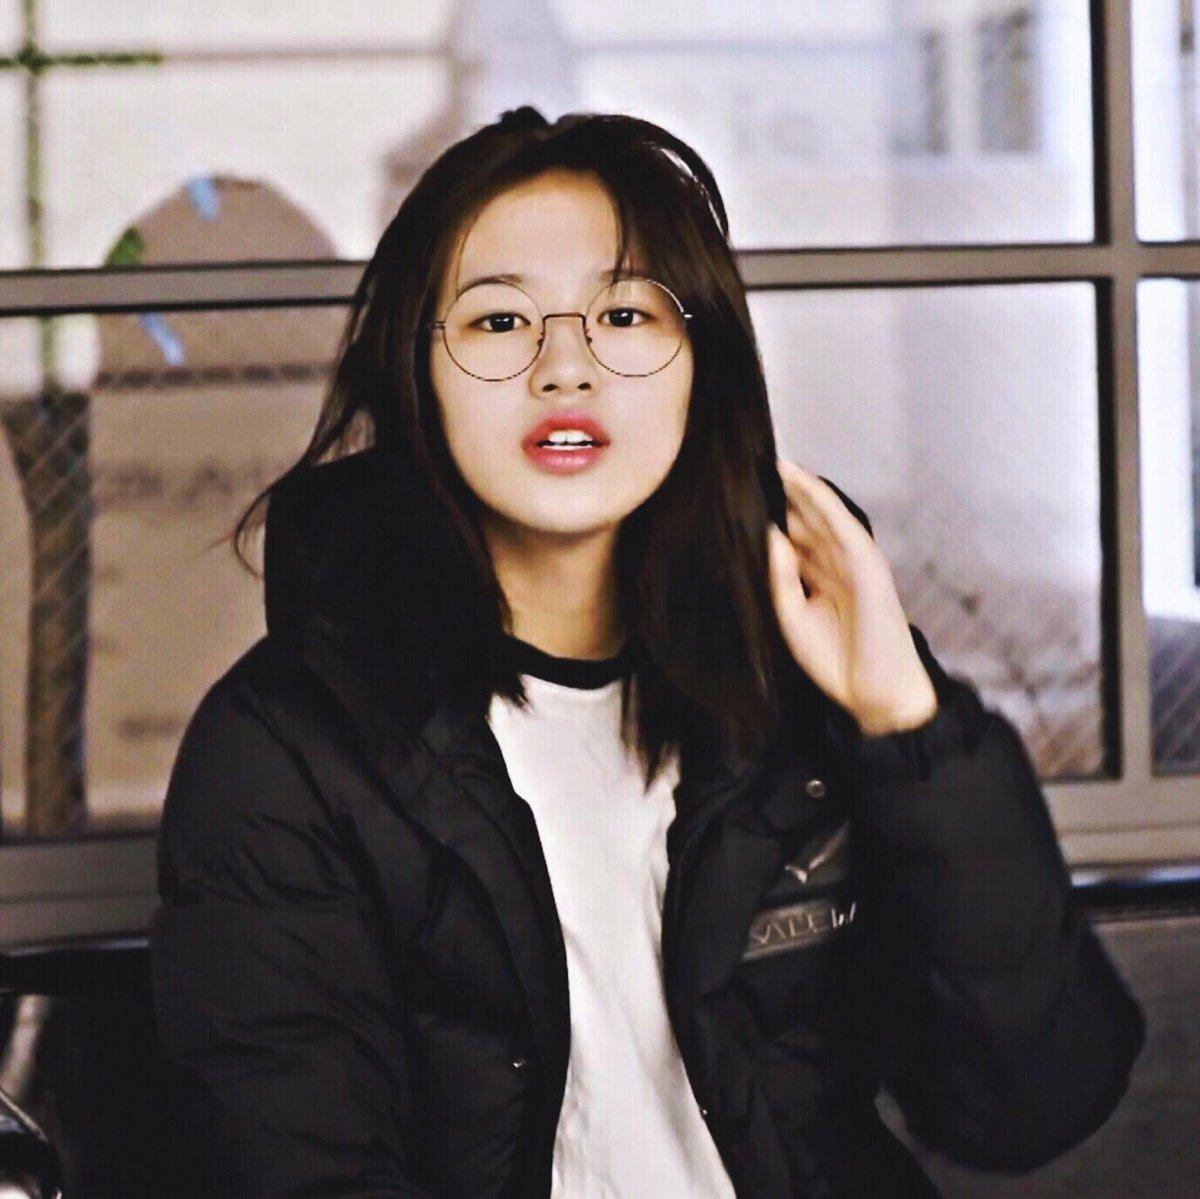 Khuôn mặt của nữ idol có nét thu hút rất lạ khi make up nhẹ nhàng hoặc để mặt mộc. Cô nàng sẽ hợp với dạng vai sinh viên hoặc học sinh trung học.